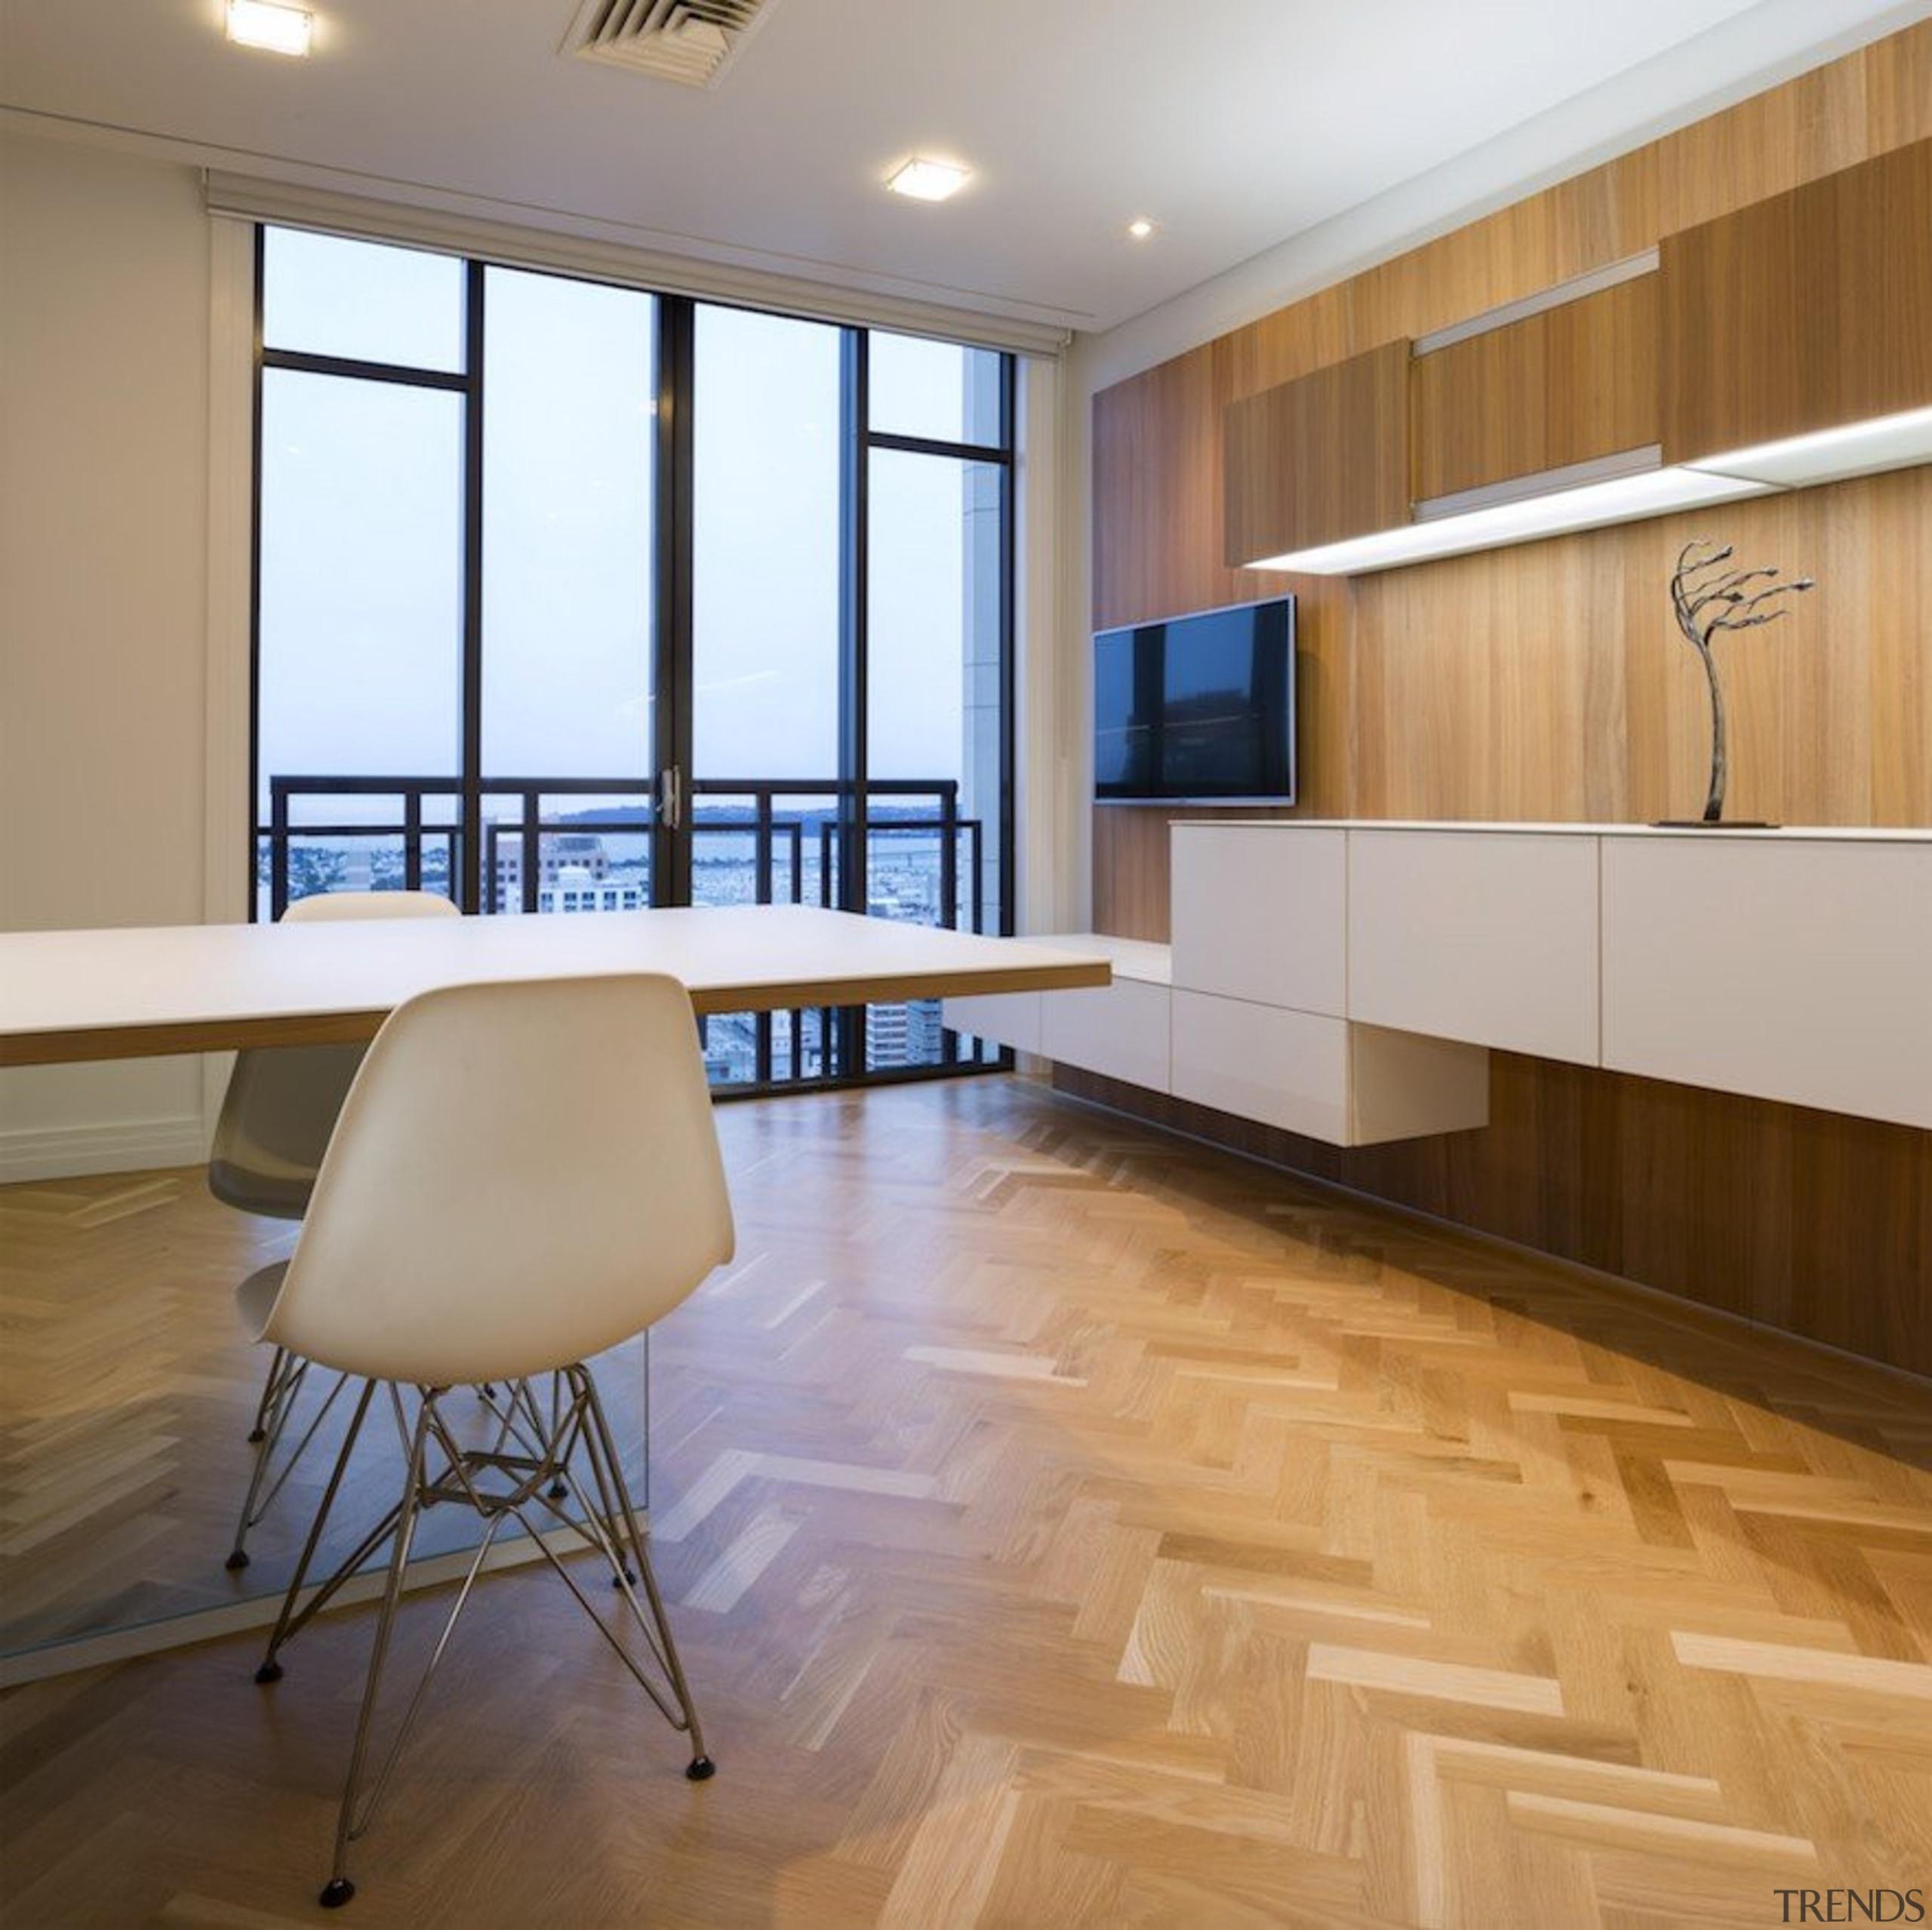 Retail Store Storage Furniture Design Of Mud Australia: Designer Lara Farmilo For Poggenpoh... - Gallery - 7